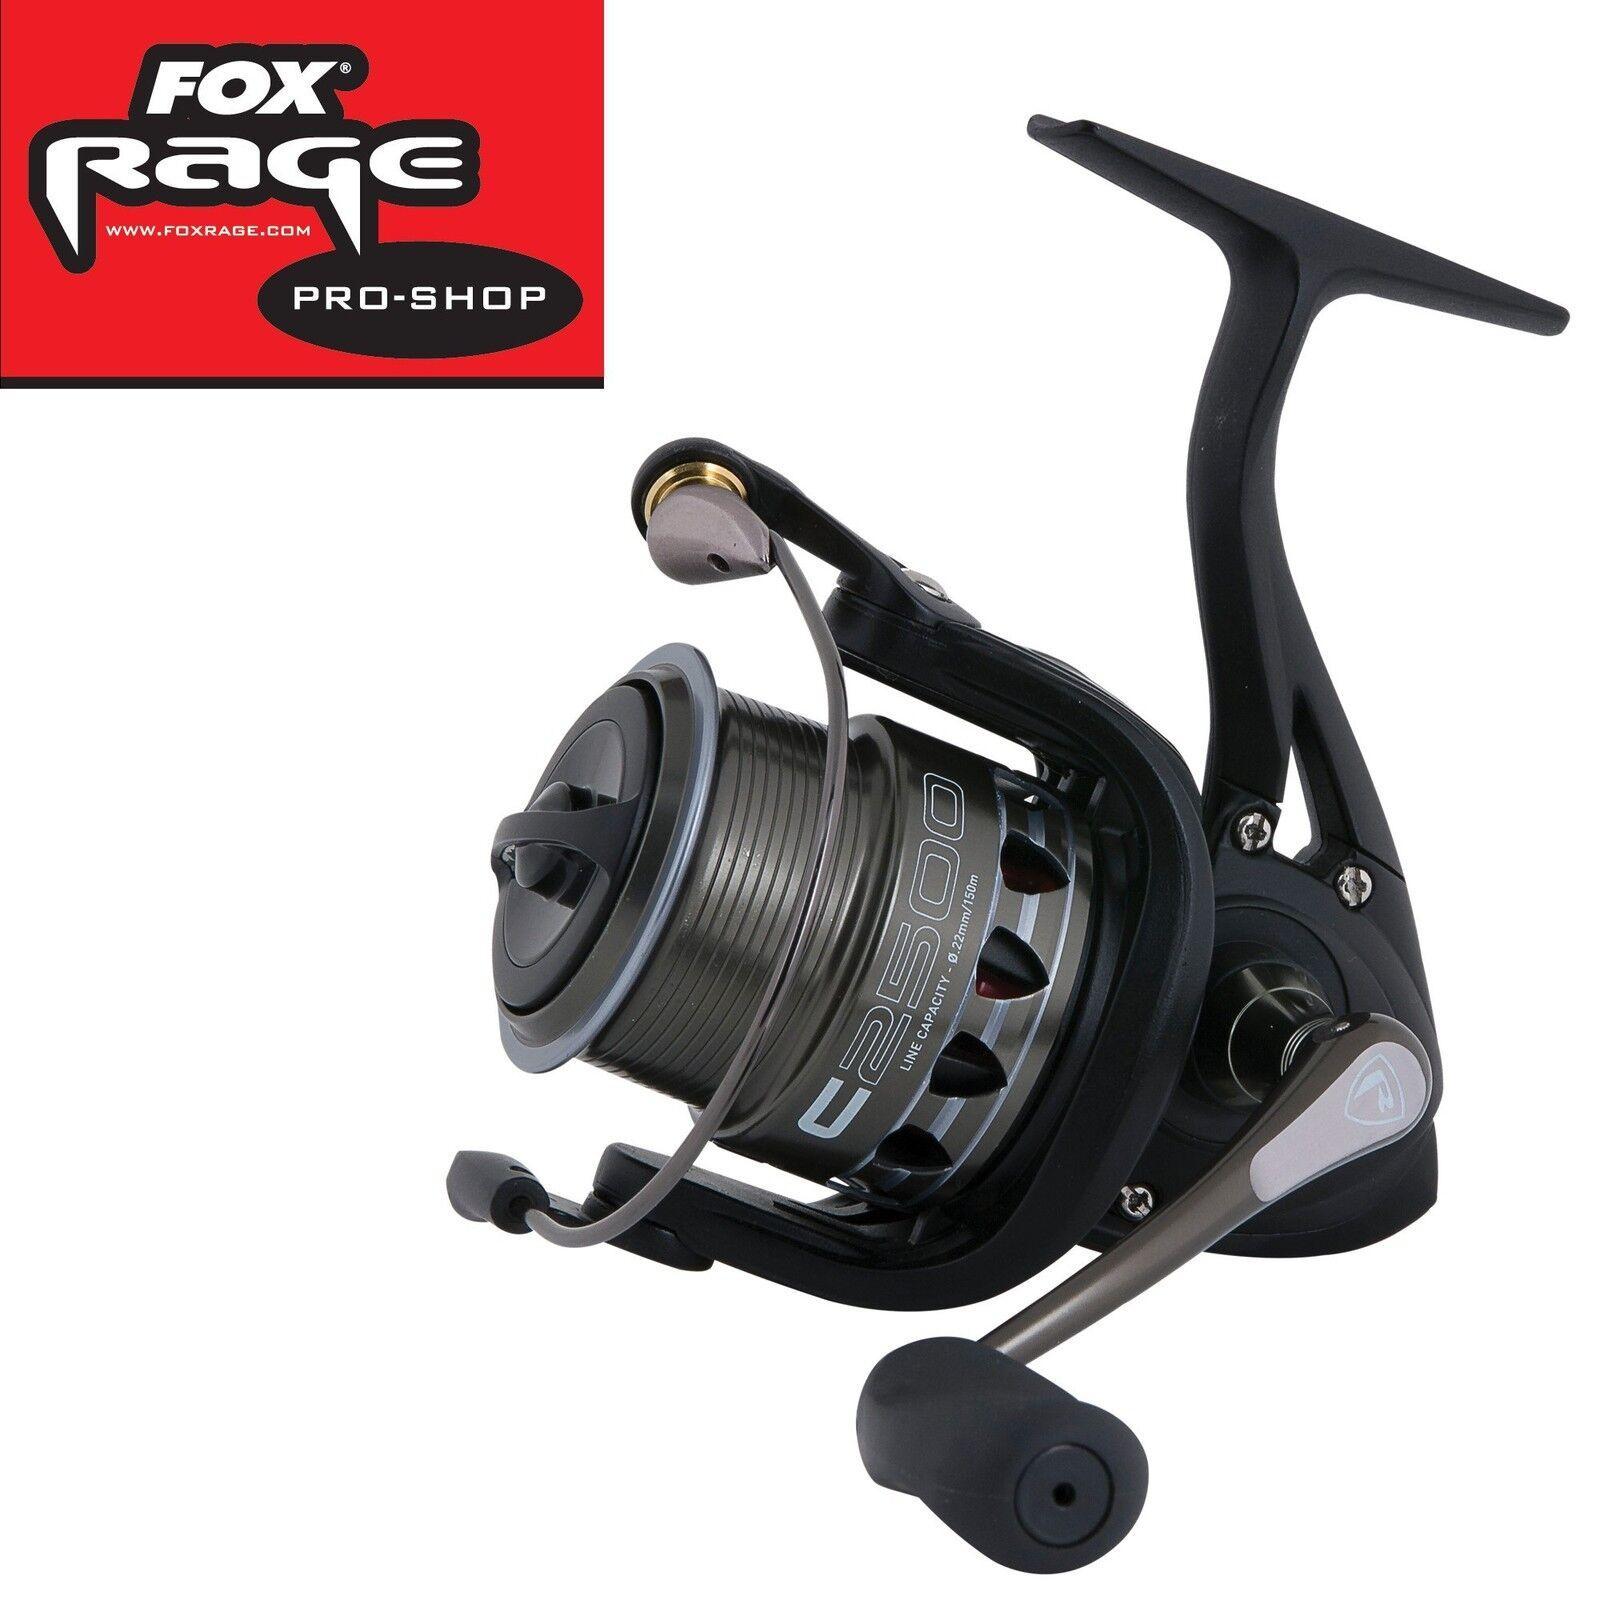 Fox Rage Prism C2500 Rolle, Spinnrolle, Spinnfischen auf Zander, Barsch, Hecht